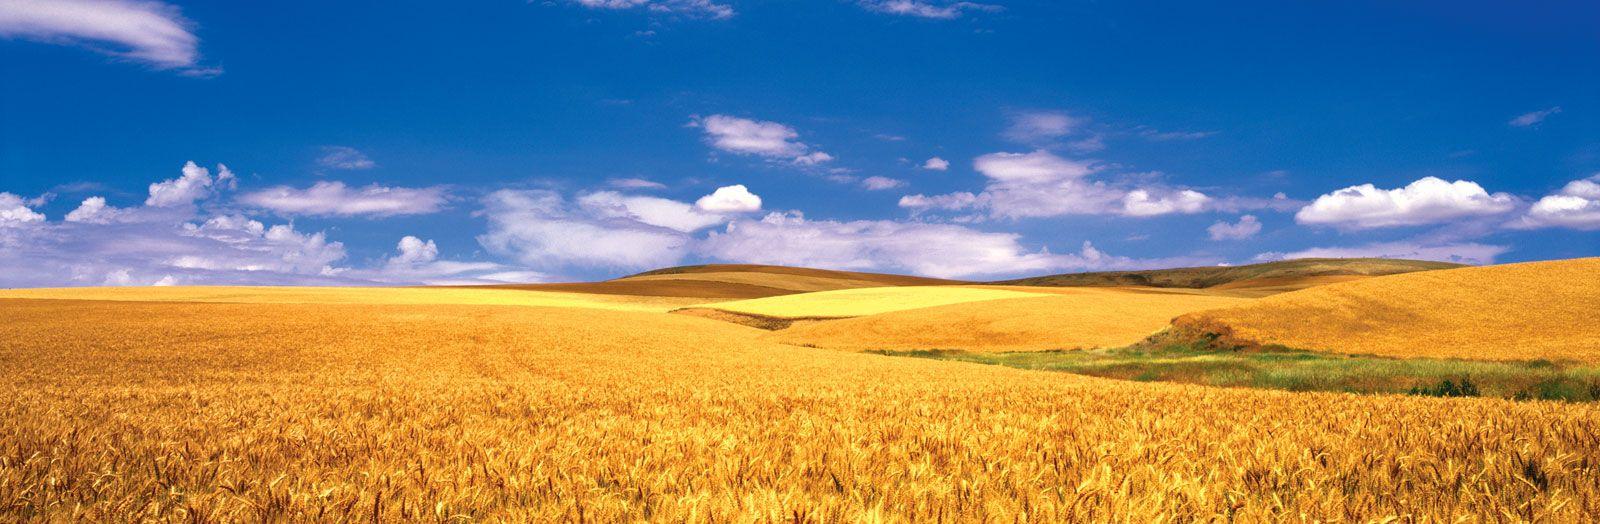 iljb#90: Wheat Fields